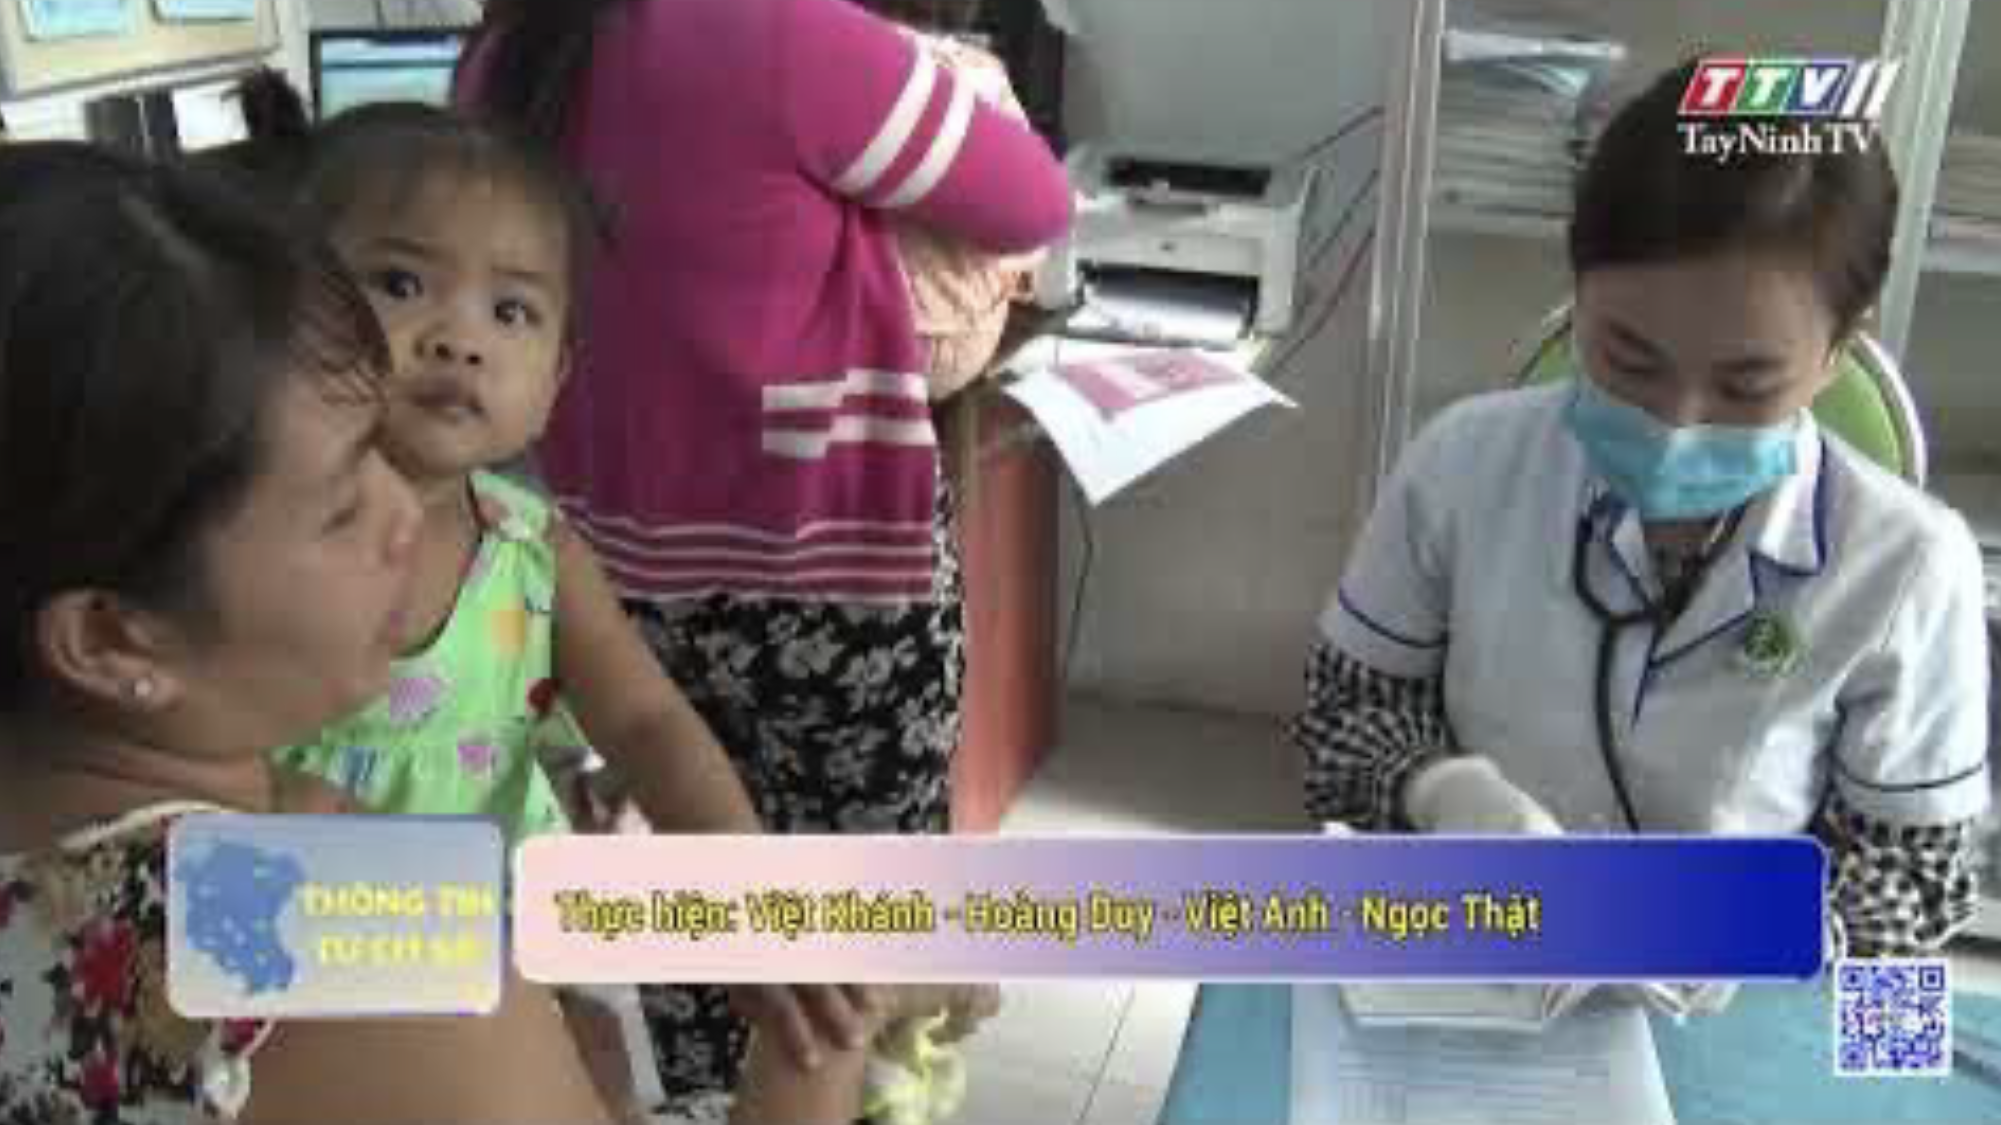 Đảng bộ xã Đôn Thuận lãnh đạo thực hiện tốt công giảm nghèo | Thông tin từ cơ sở | TâyNinhTV